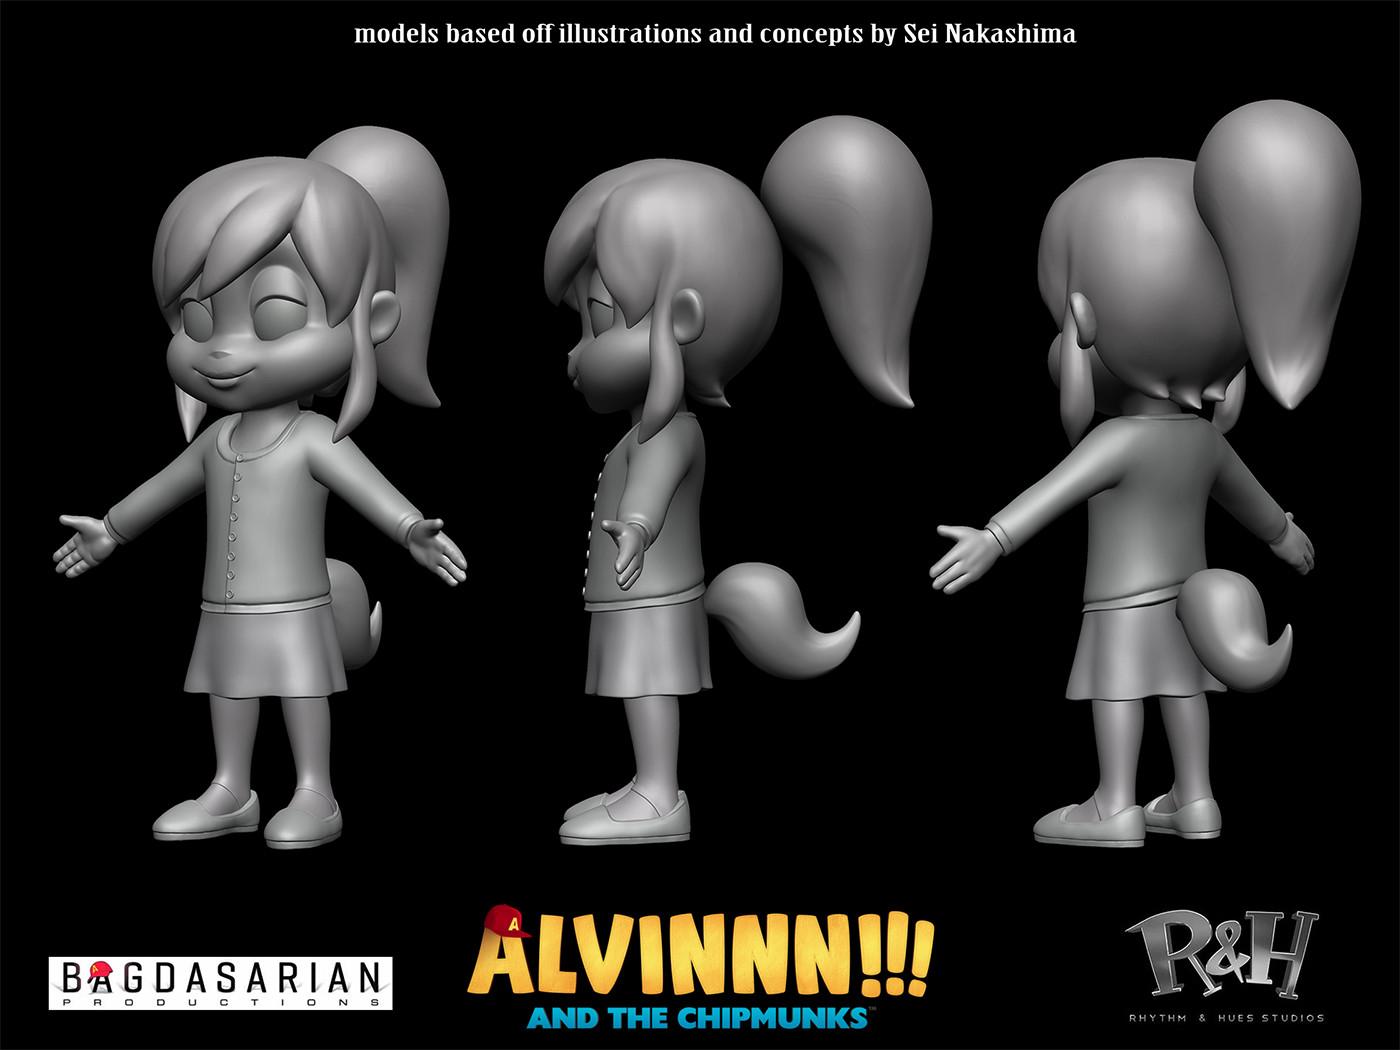 Alvin And The Chipmunks Alvin And Brittany artstation - alvinnn!!! and the chipmunks, trevor crandall